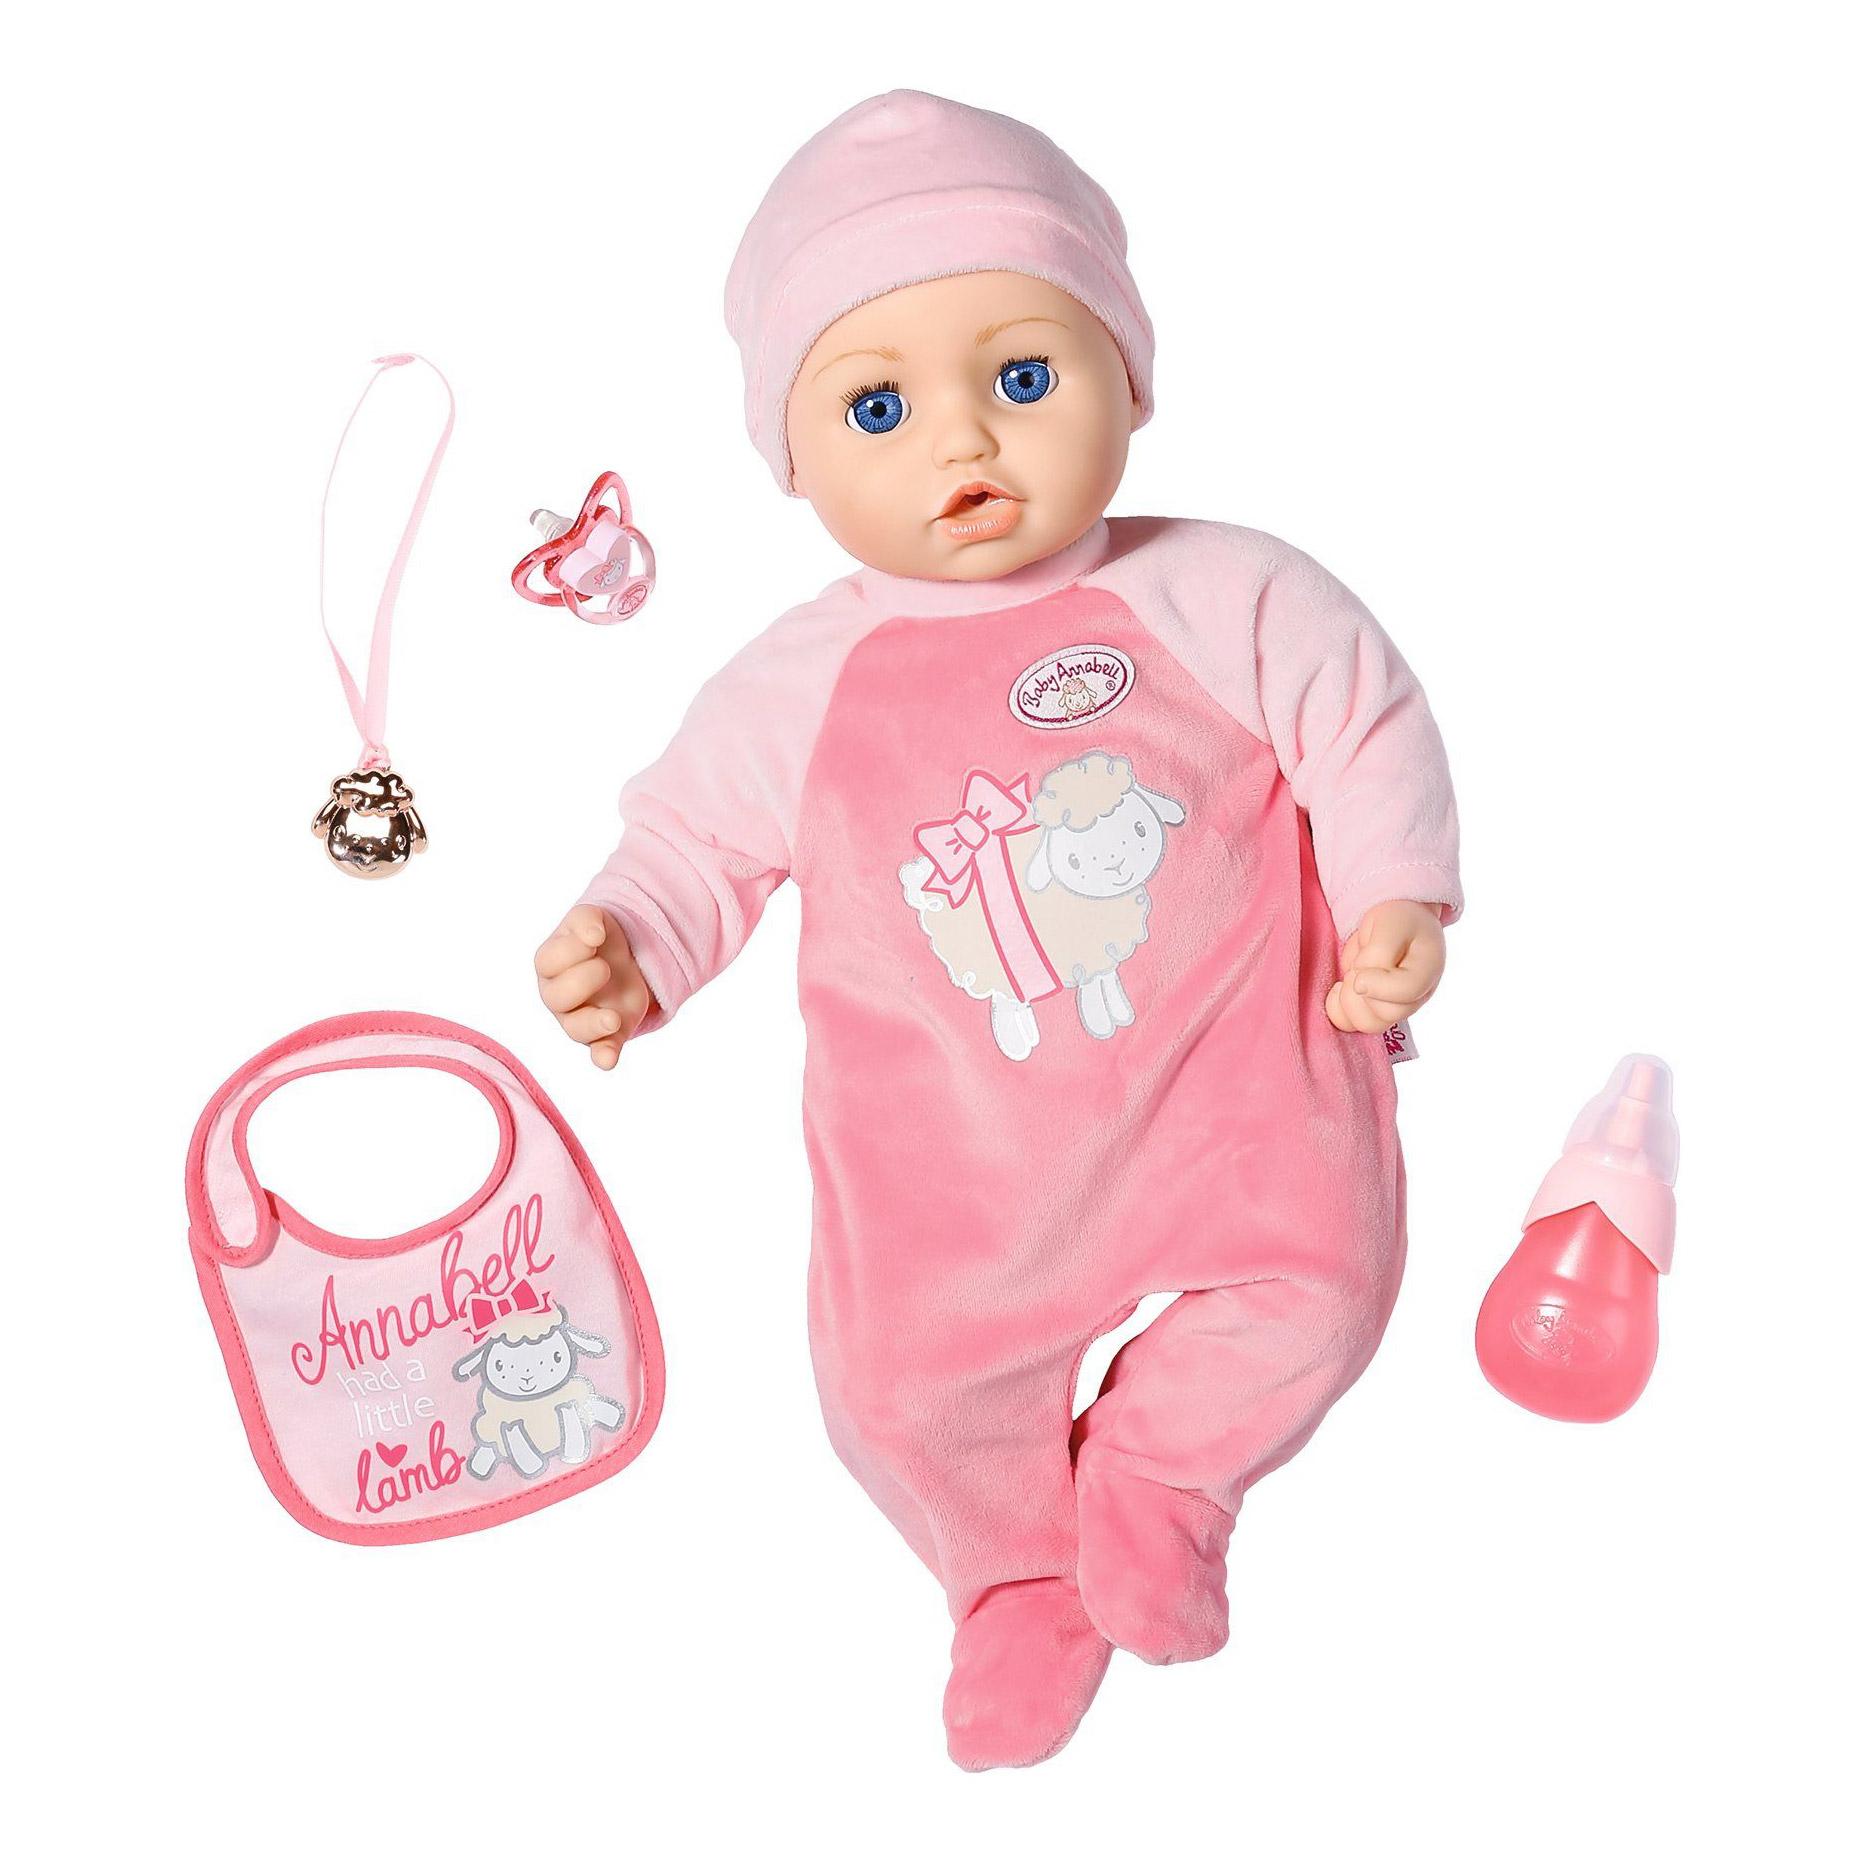 Фото - Кукла интерактивная Zapf Baby Annabell девочка 43 см интерактивная кукла zapf creation baby born 43 см 825 938